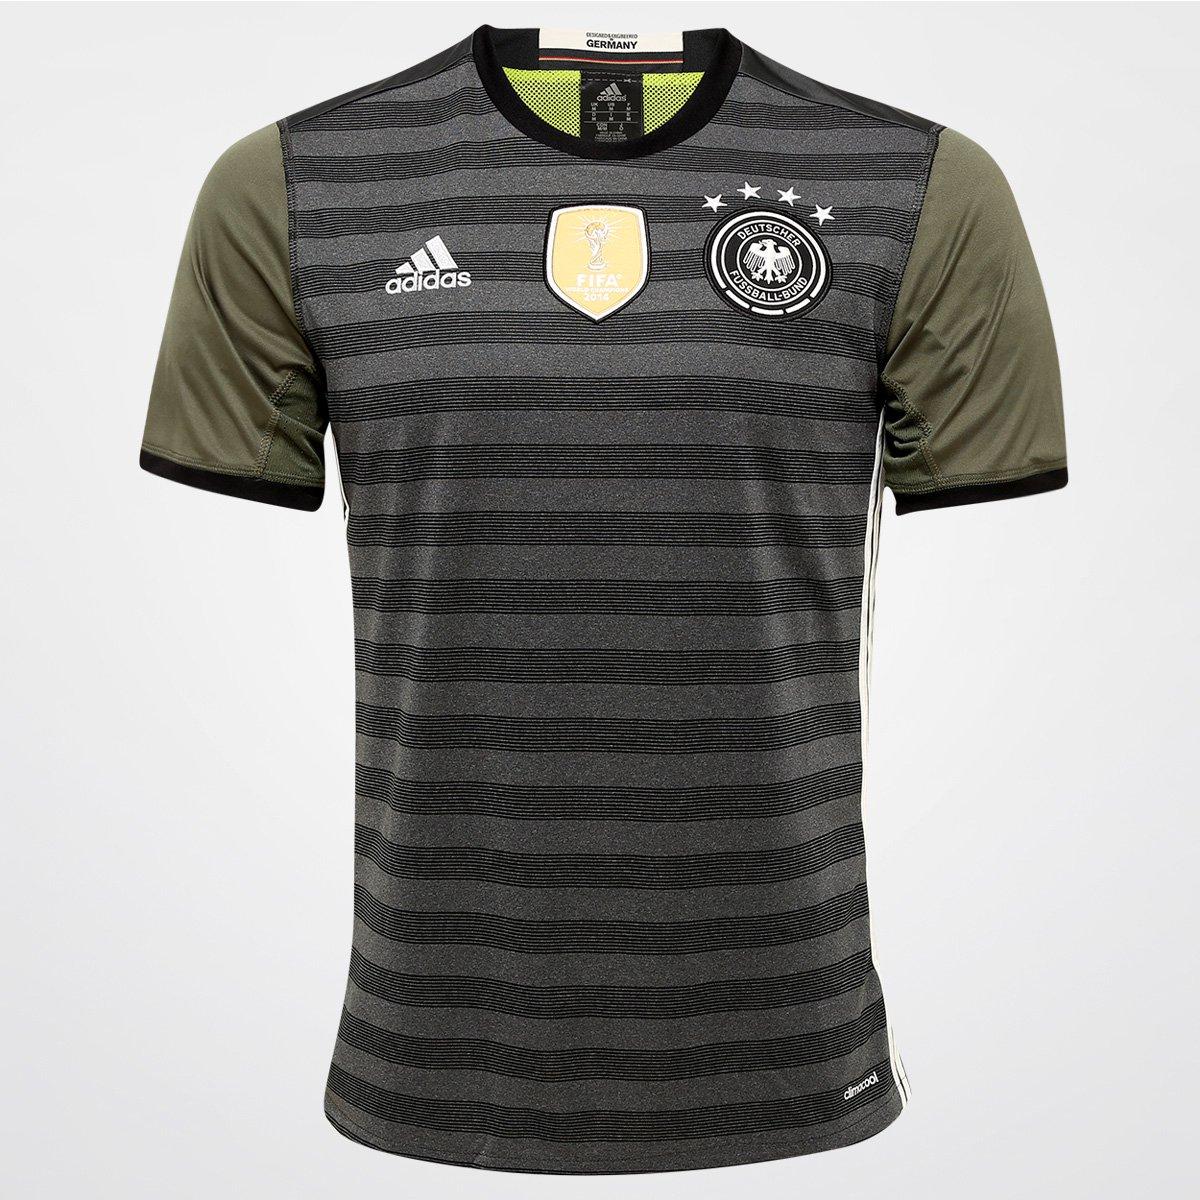 Camisa Seleção Alemanha Away 2016 s nº Torcedor Adidas Masculina - Compre  Agora  744e45d87eb44